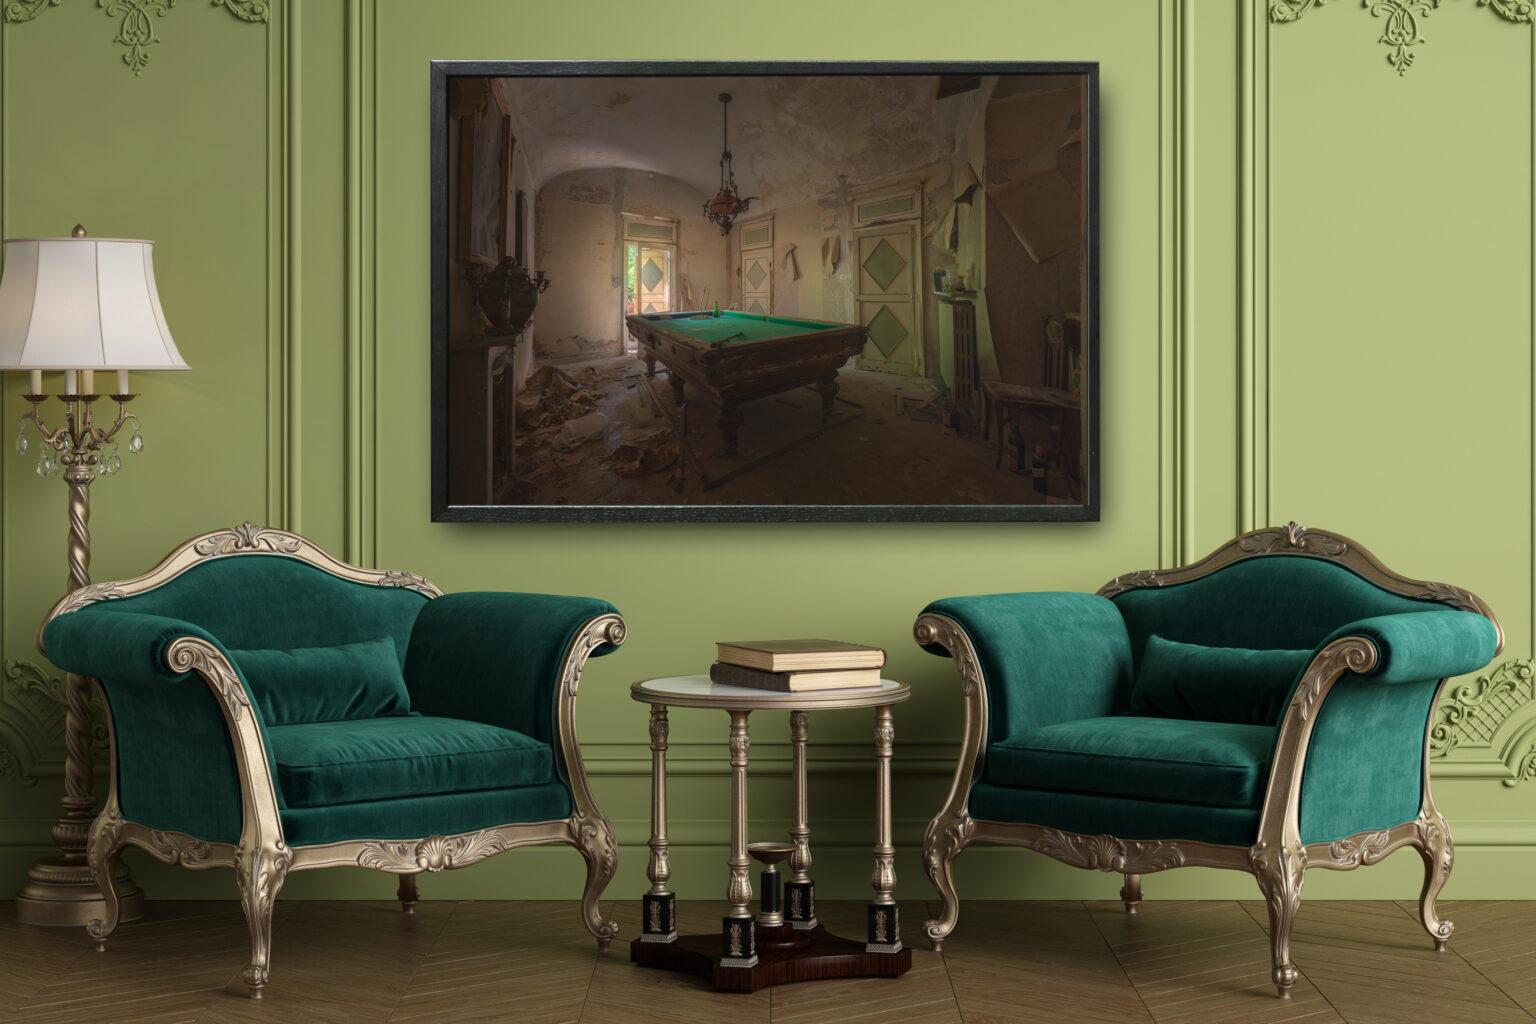 1-sedie classiche, verde, biliardo tagliato